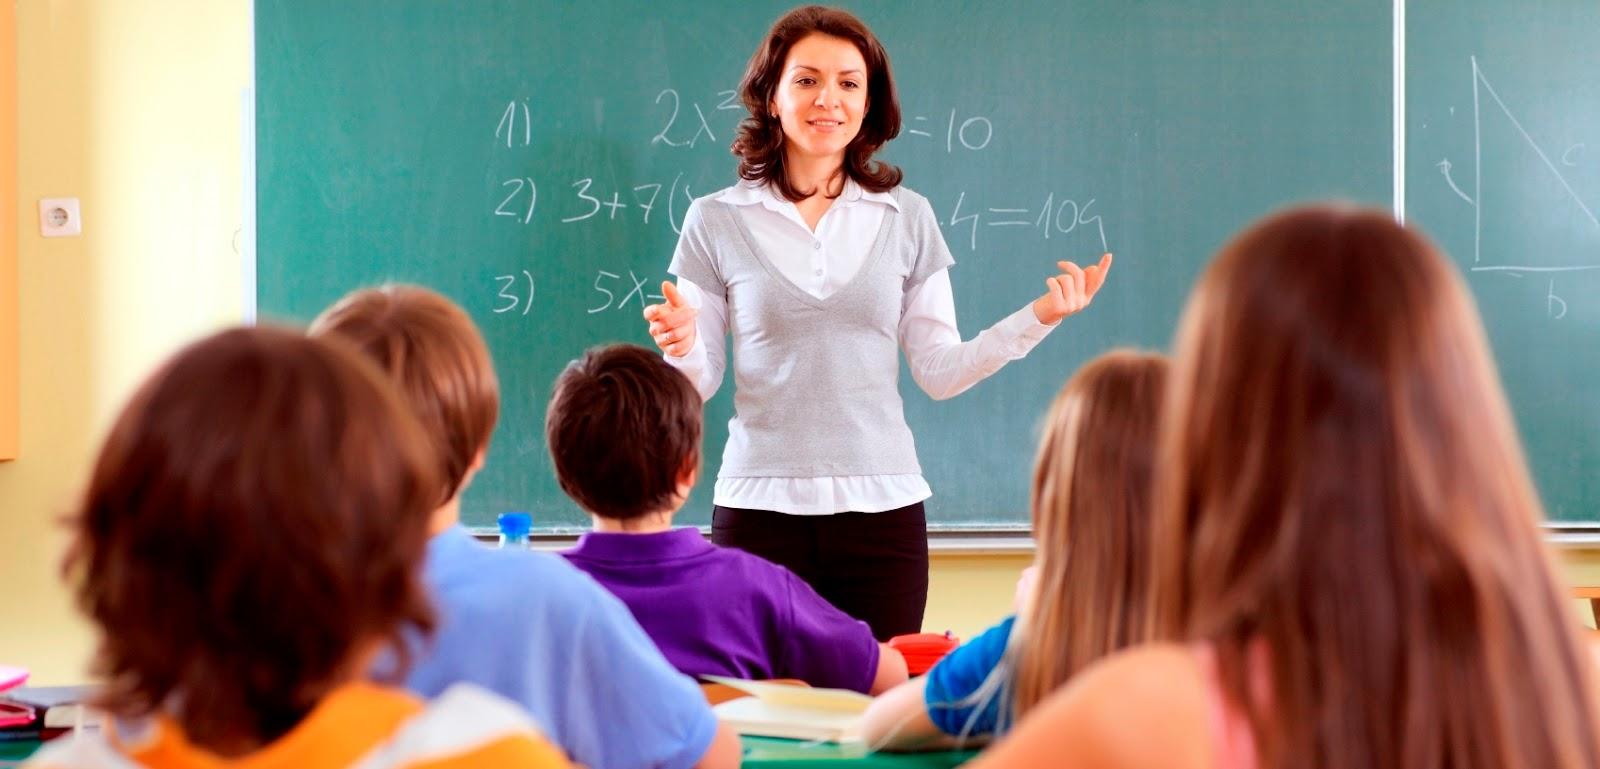 http://2.bp.blogspot.com/-7Ra8QFftteQ/Va-xaAd5aXI/AAAAAAAAACQ/6jDYJRw1iEE/s1600/teacher.jpg